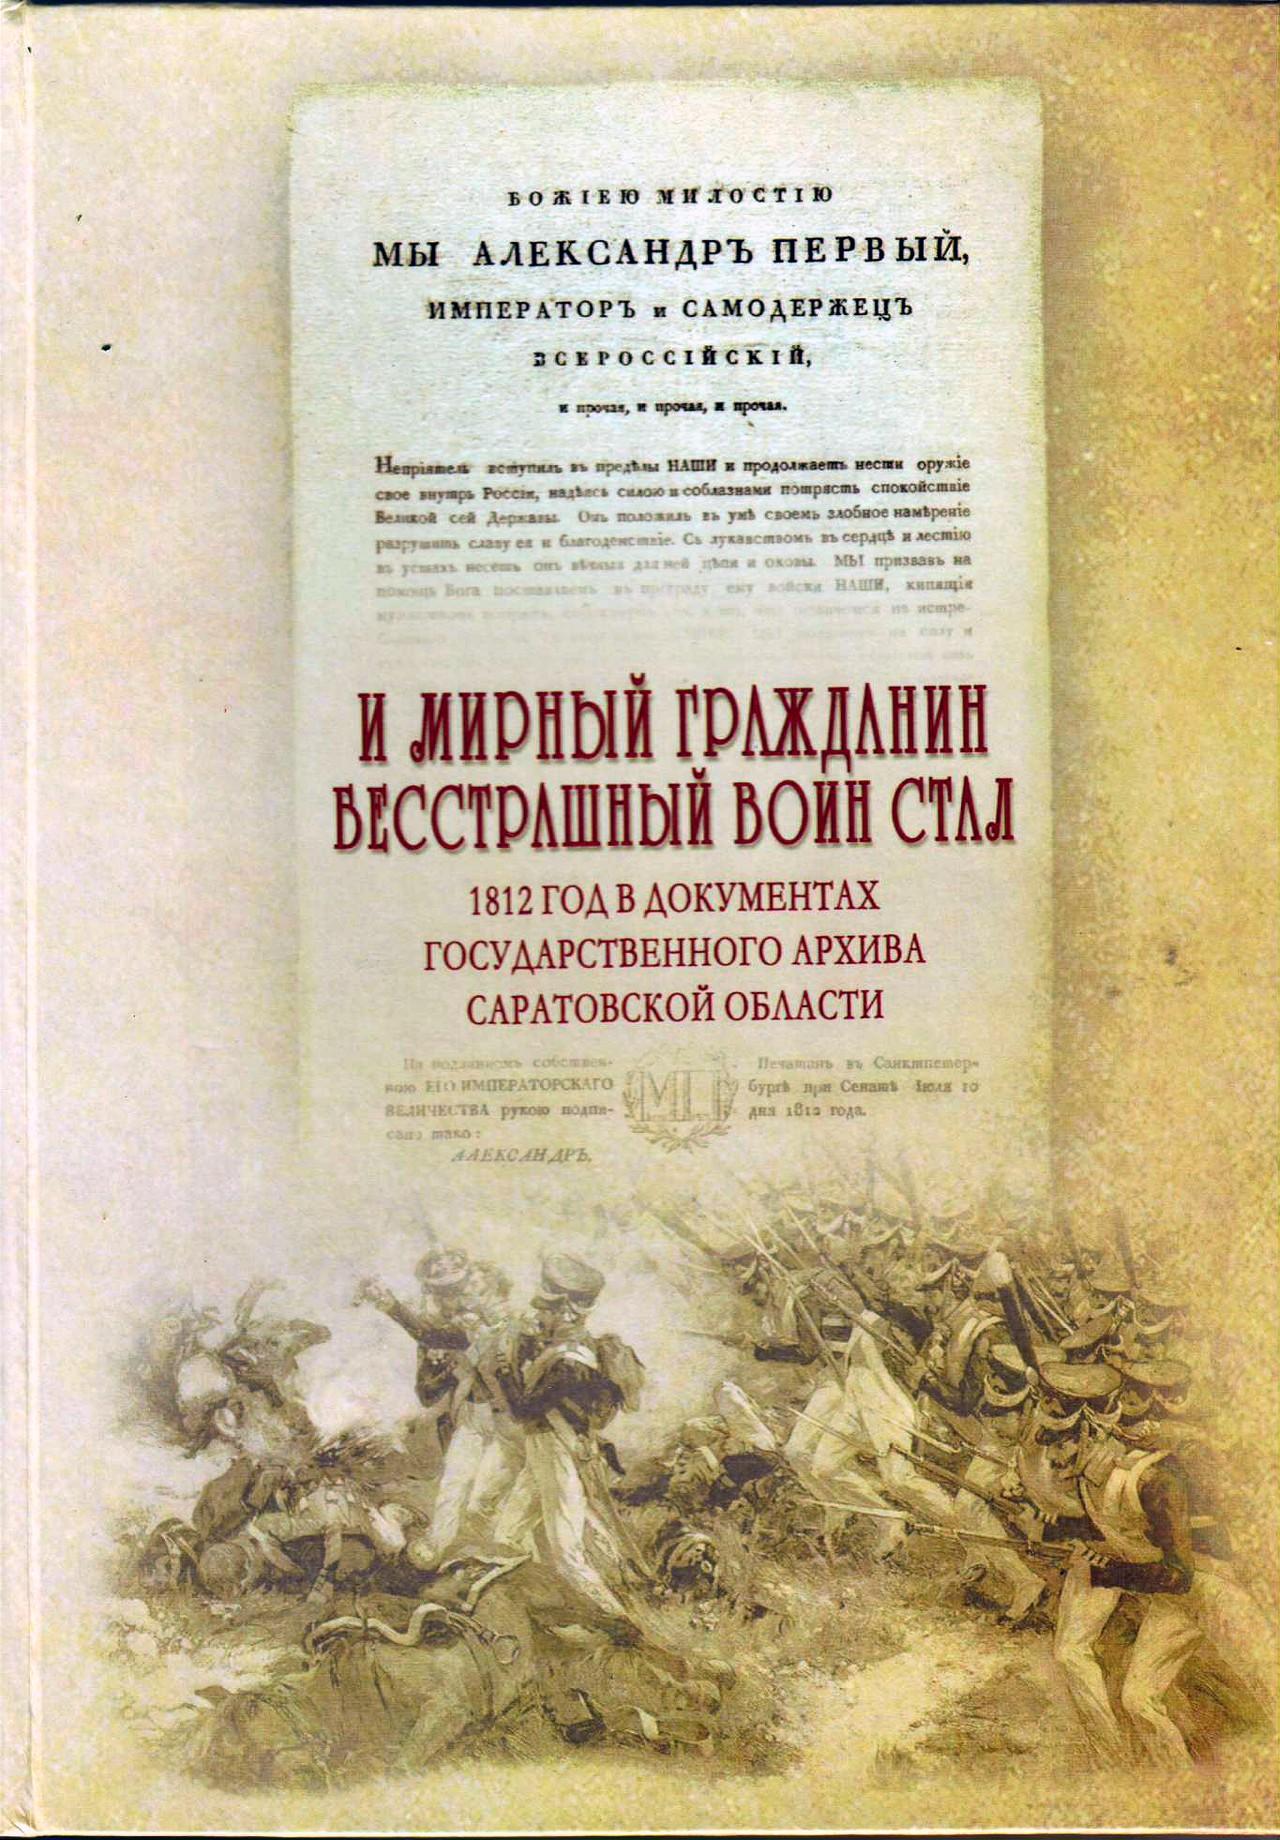 100 летняя война презентация